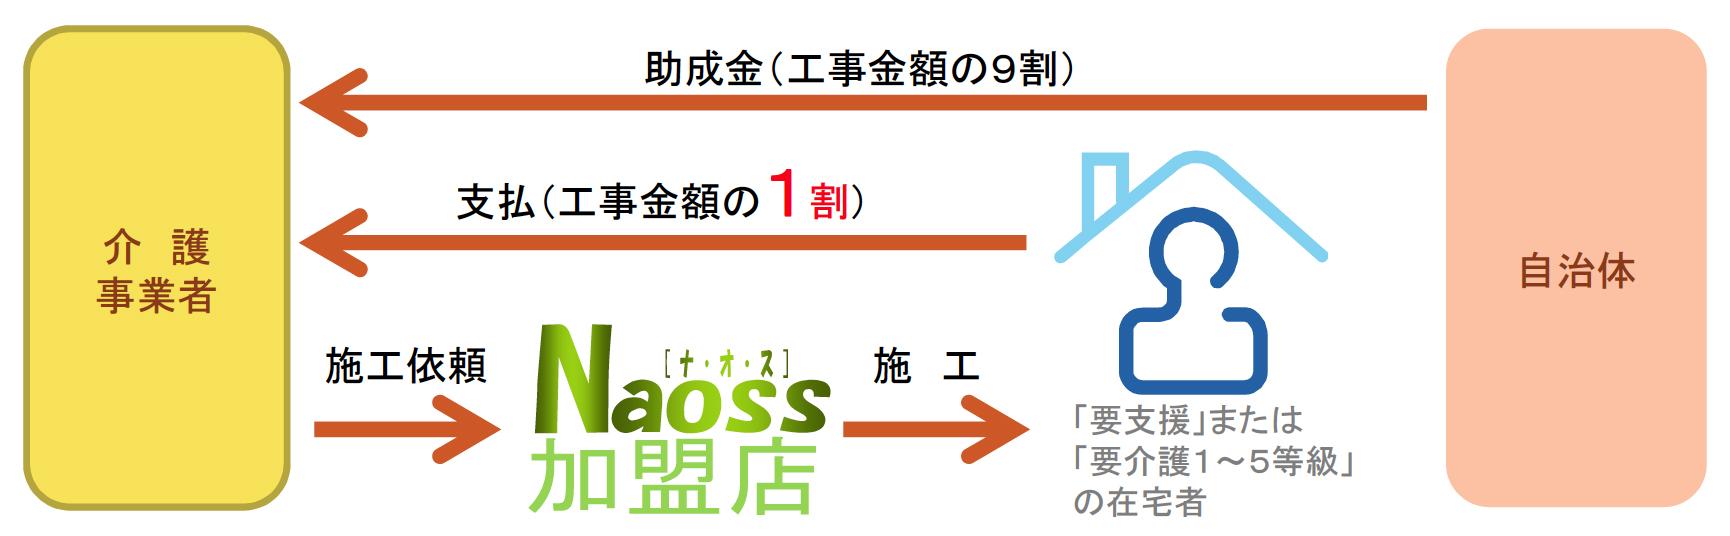 住宅改修助成制度におけるNaossFlooringの活用事例